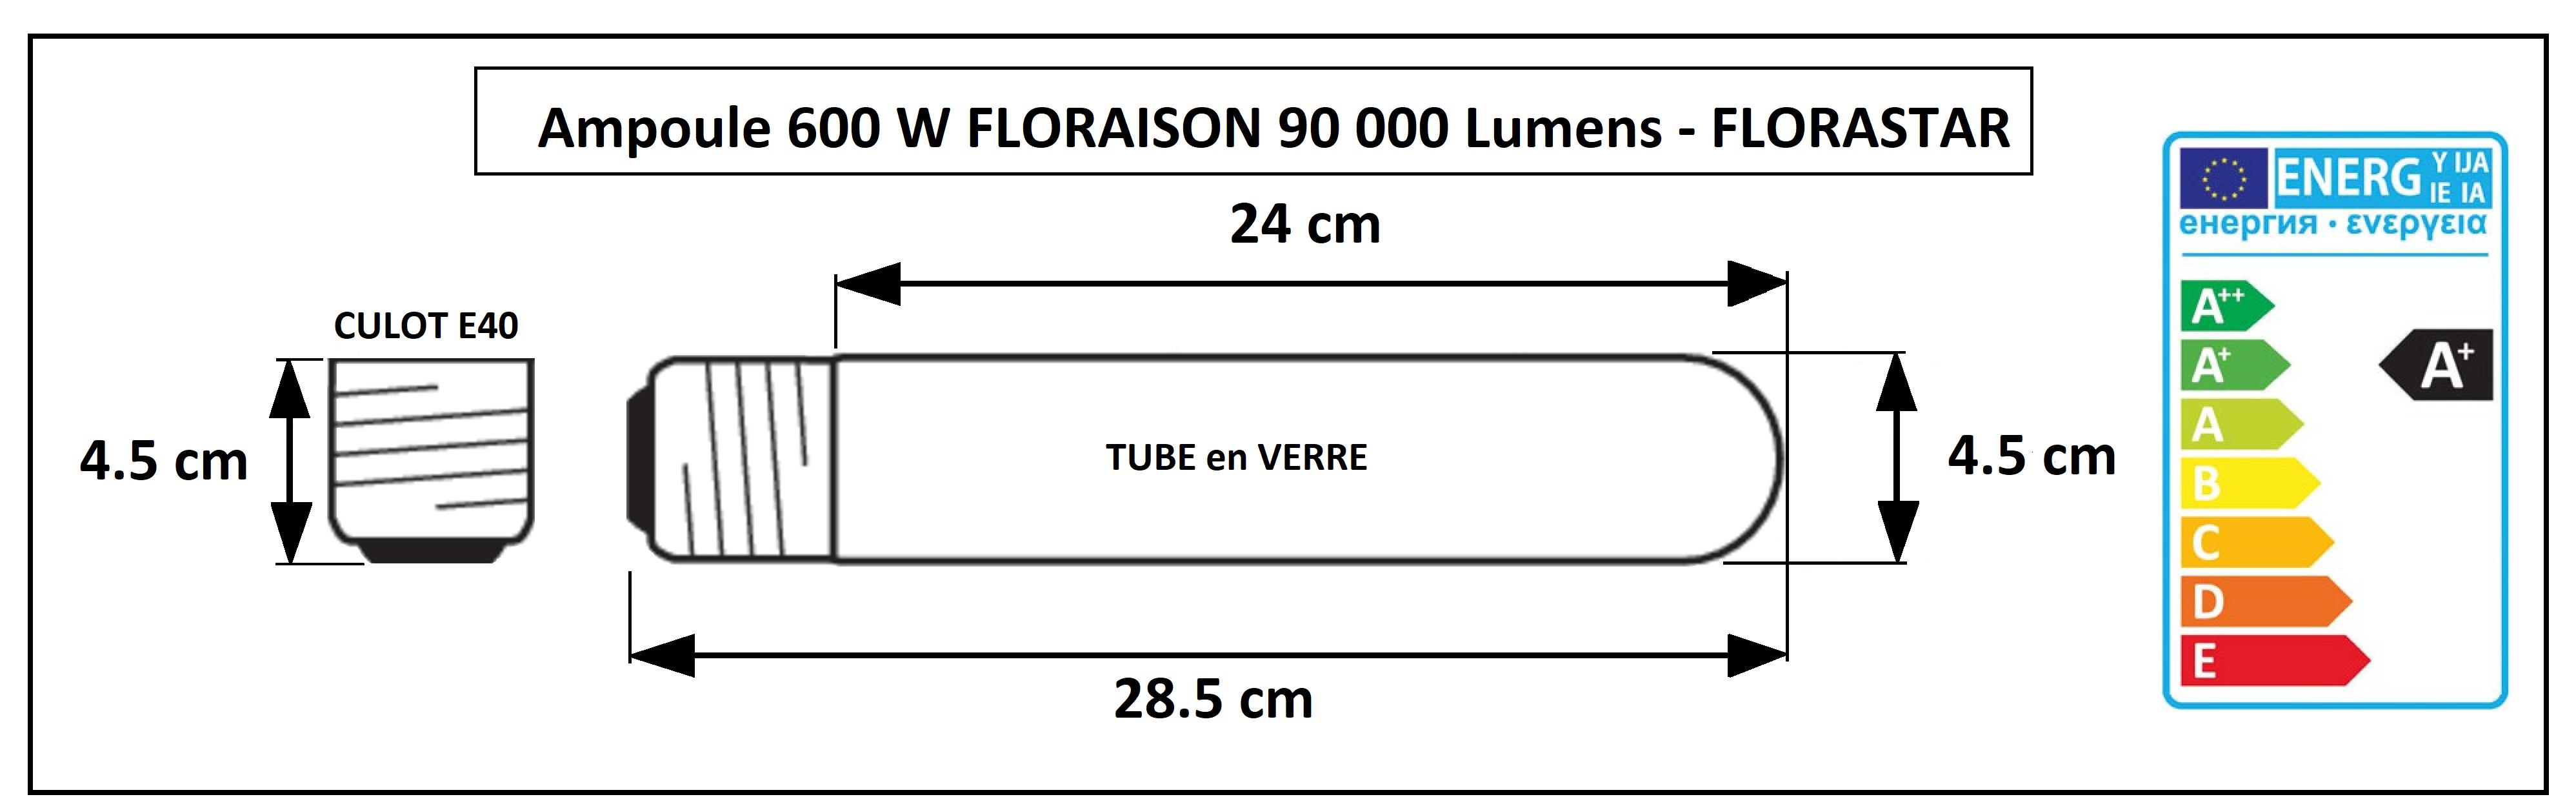 Lampe de floraison 600W pour culture florale intérieur